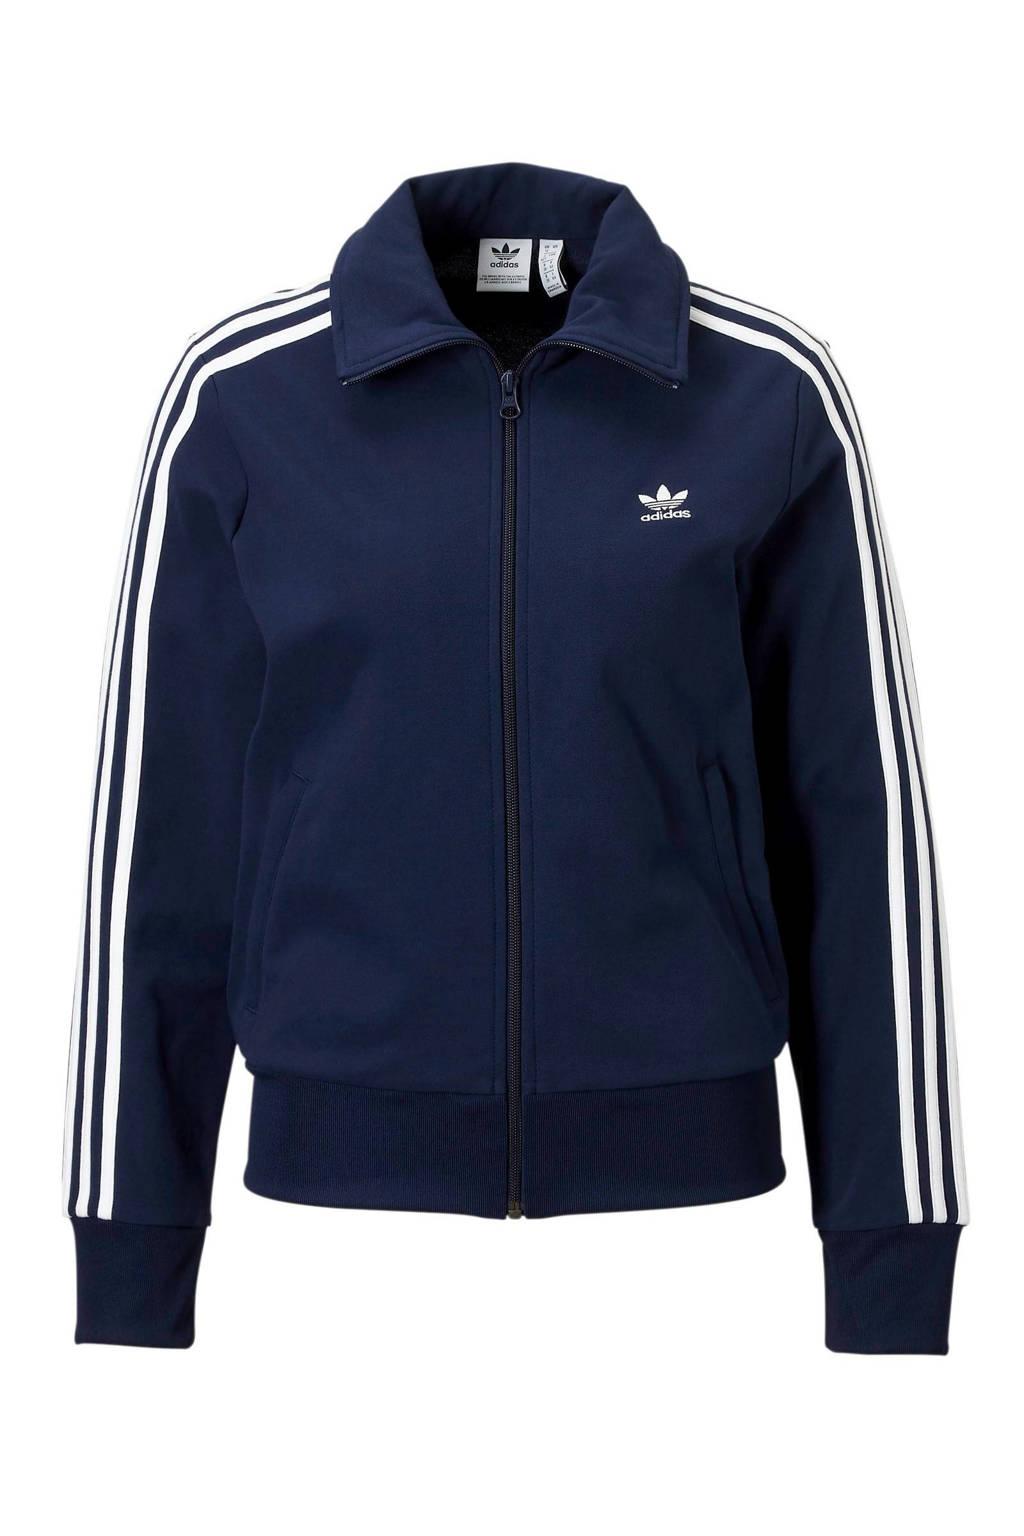 4b1cc18edda adidas originals vest donkerblauw, Donkerblauw